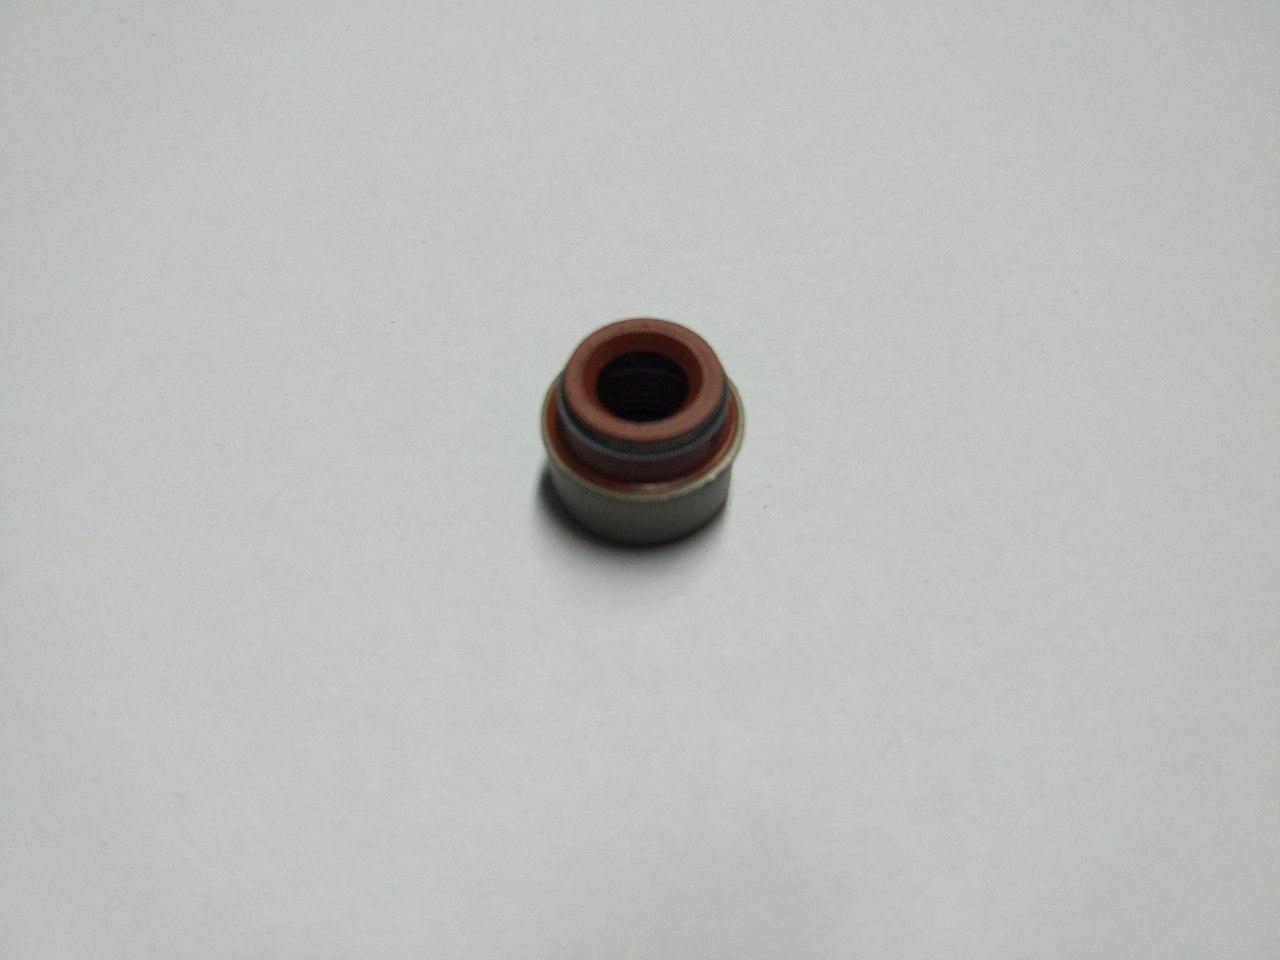 Сальник клапану Renault Trafic, Opel Vivaro, 1.9 dci, 2001-2006, Elring 701289